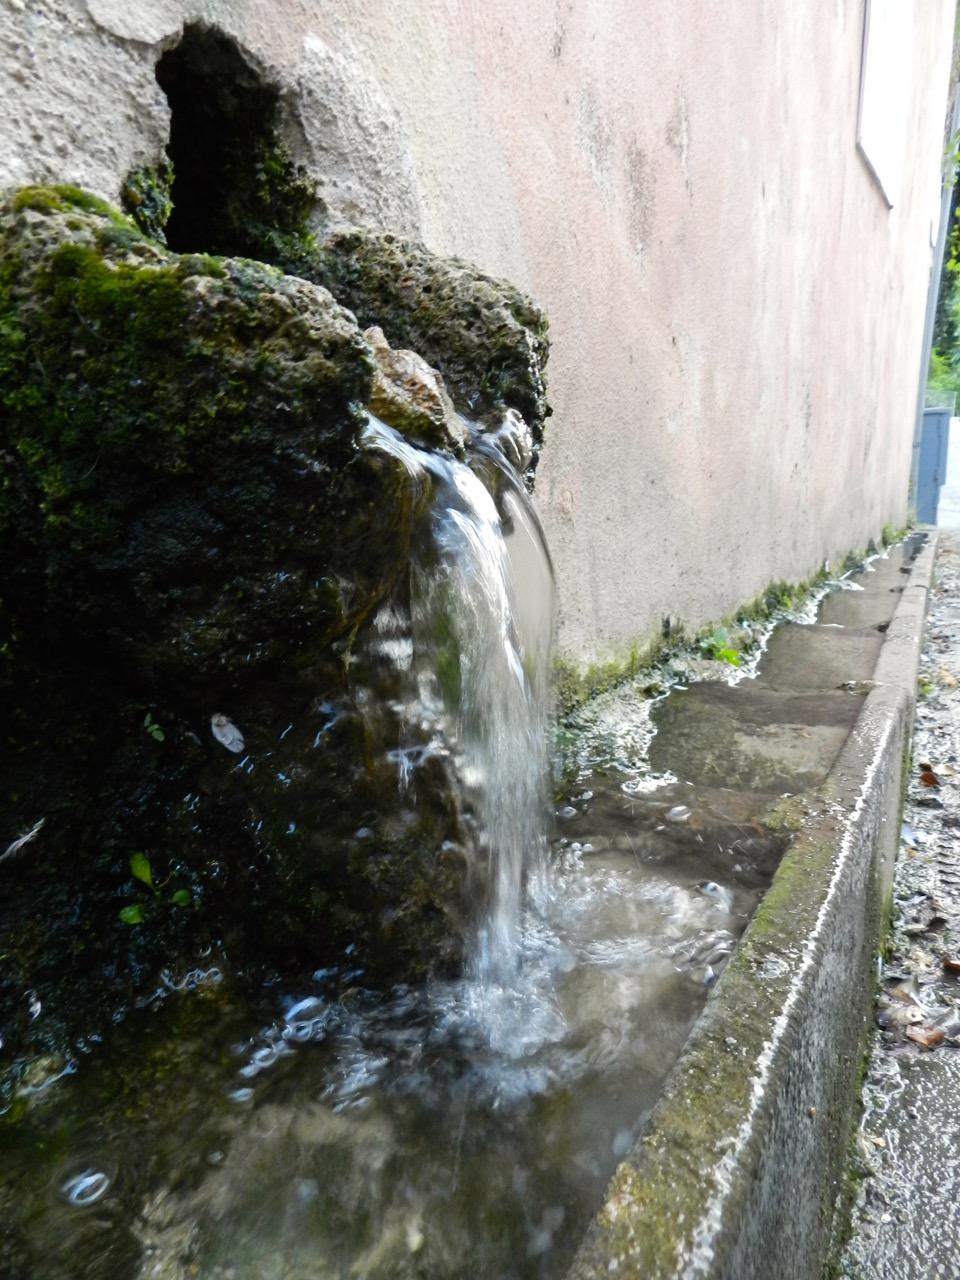 Quasi überall tritt Wasser aus